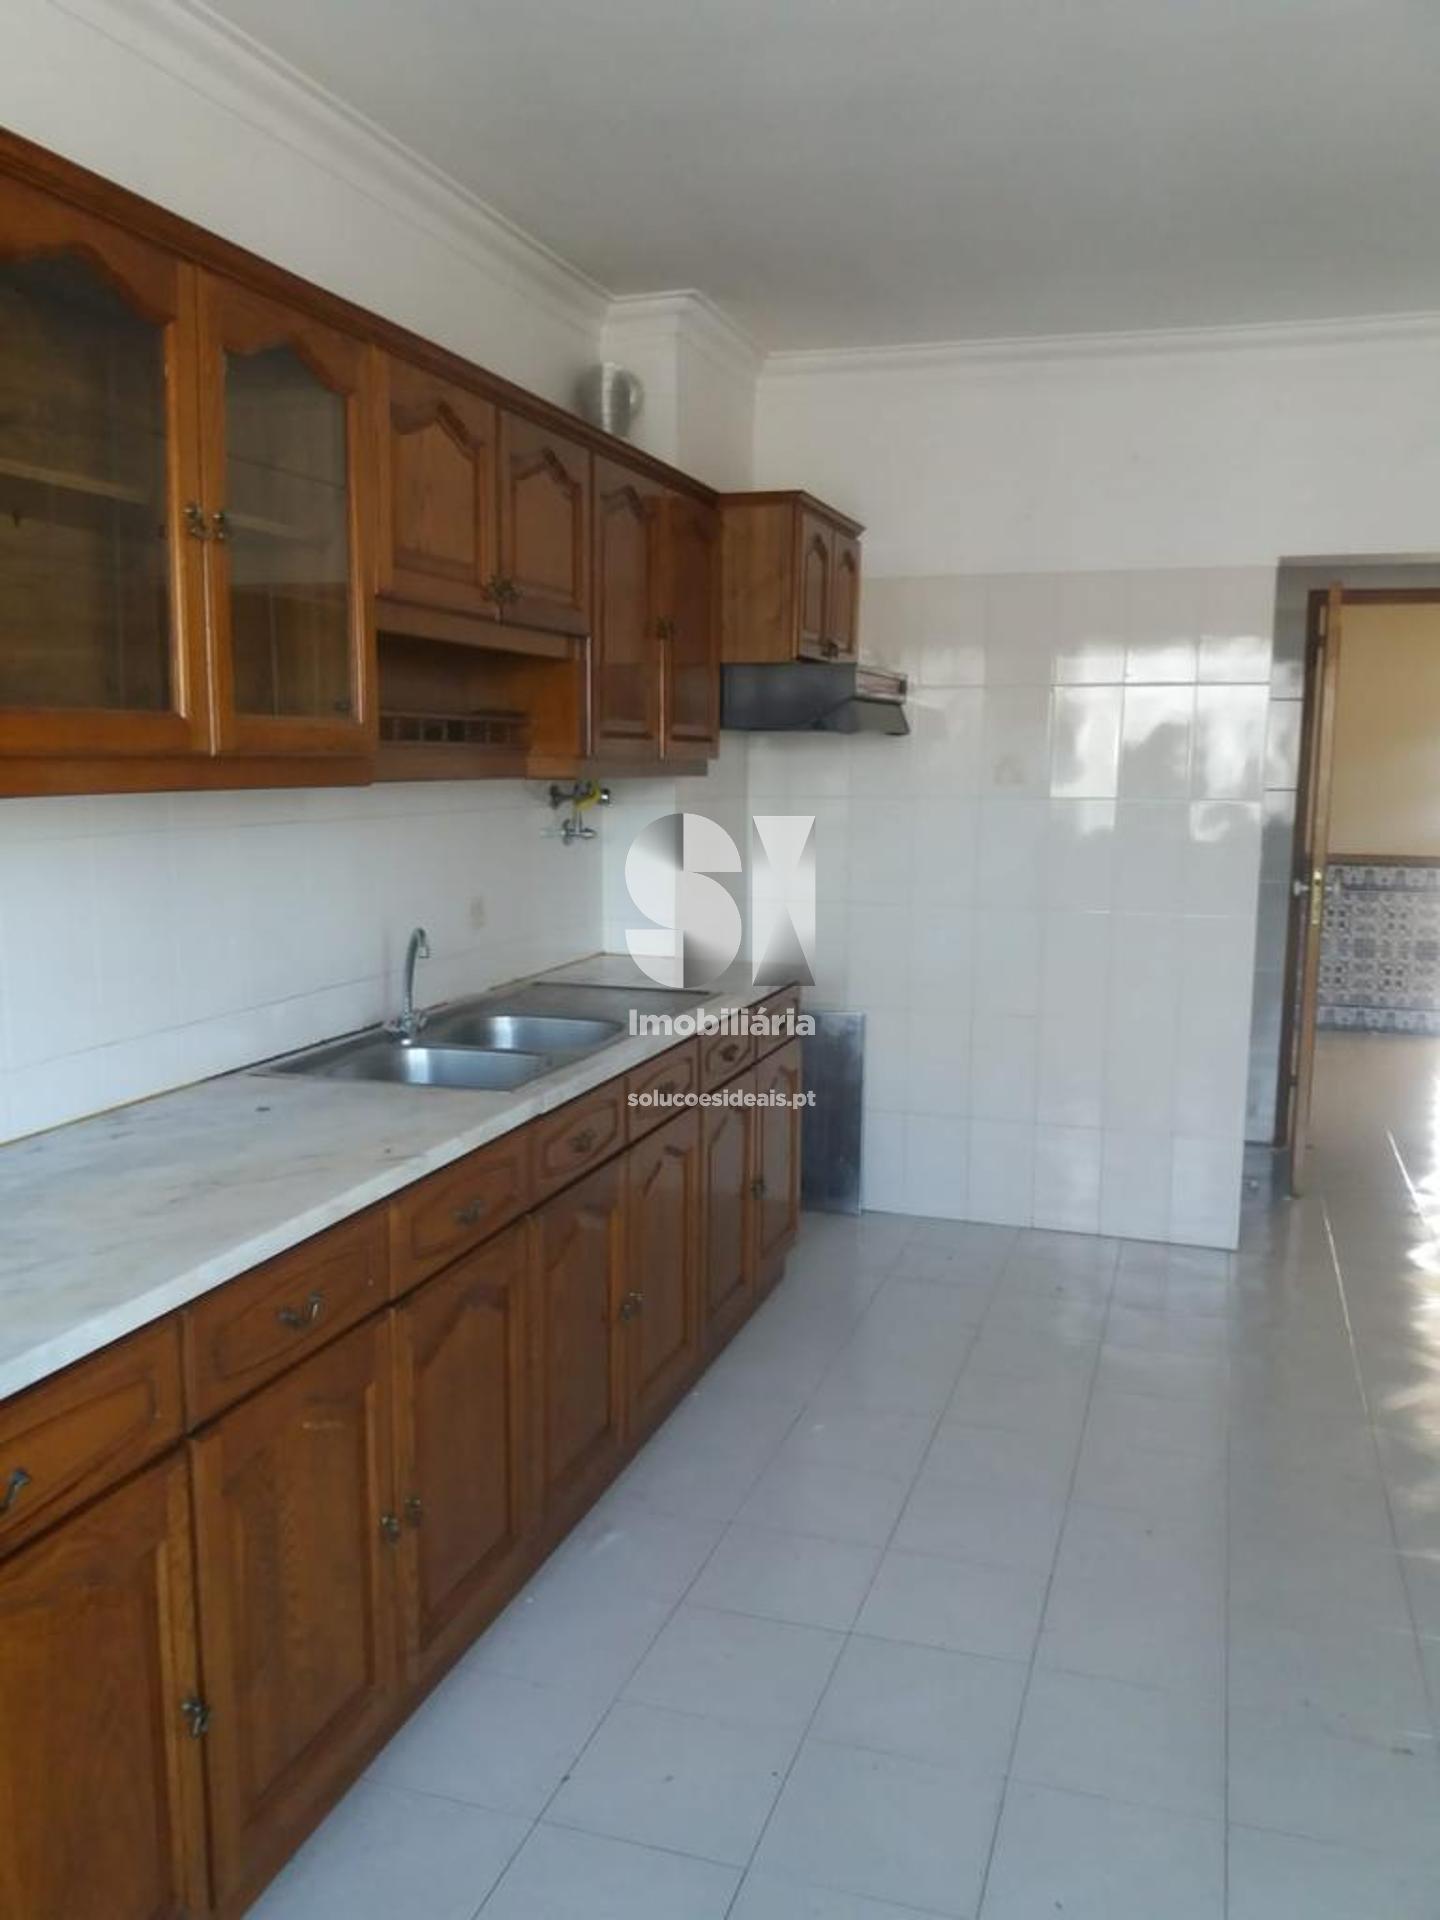 apartamento t3 para compra em montijo uniao das freguesias de montijo e afonsoeiro LARLO674